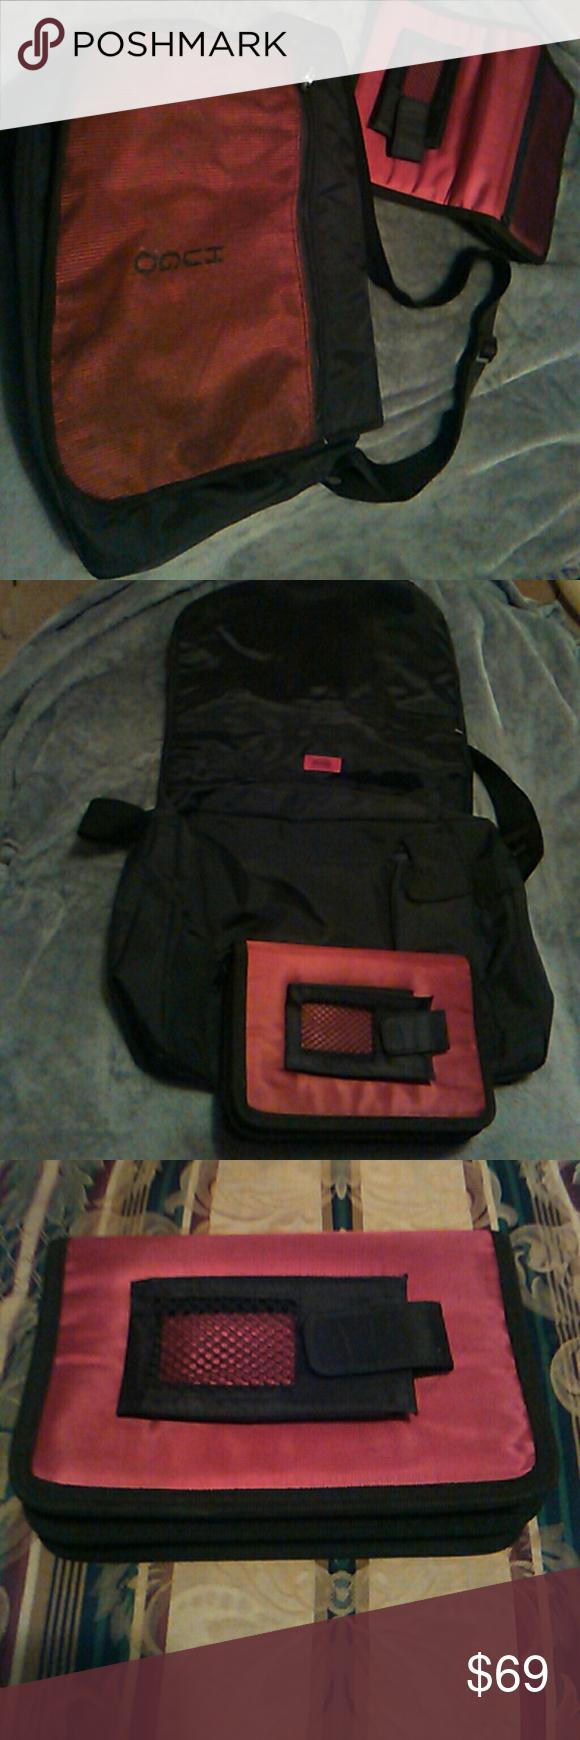 b5b6743158 Hugo boss messenger bag#FREE planner Large messenger bag adjustable strap#FREE  planner Hugo Boss Bags Messenger Bags